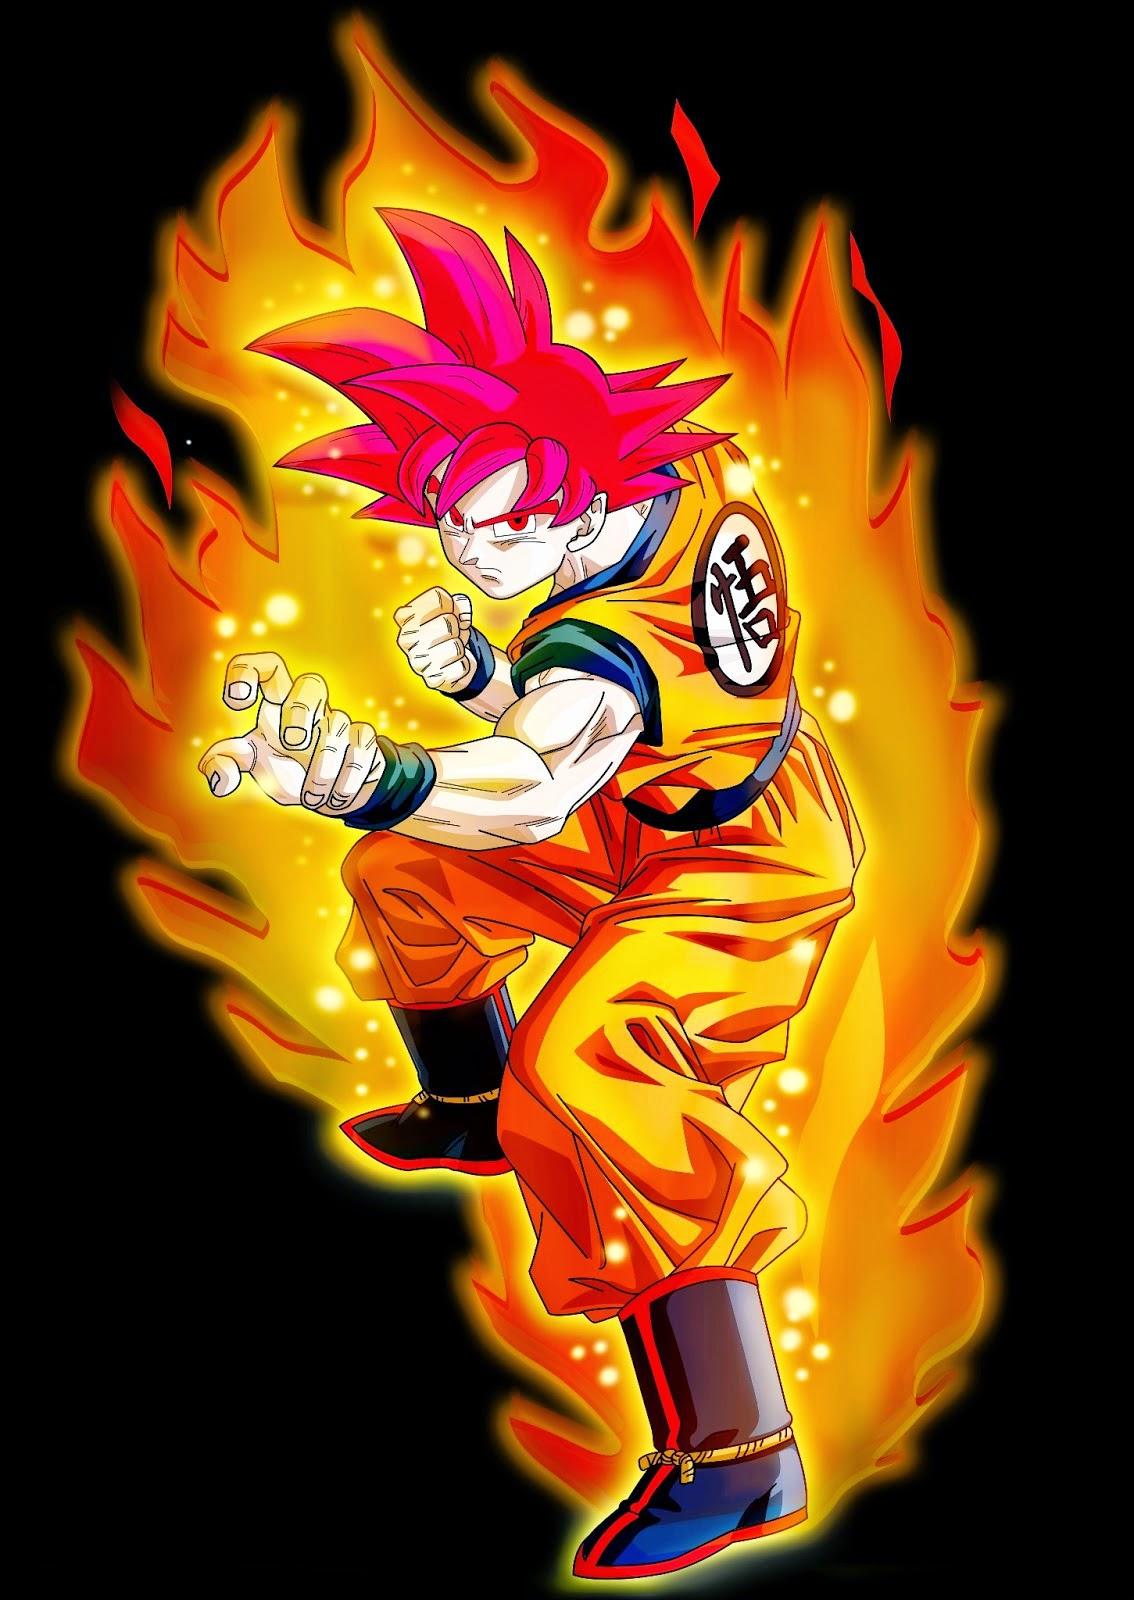 Goku dragon ball super vs jin mori god of highschool - Sangoku super saiyan god ...